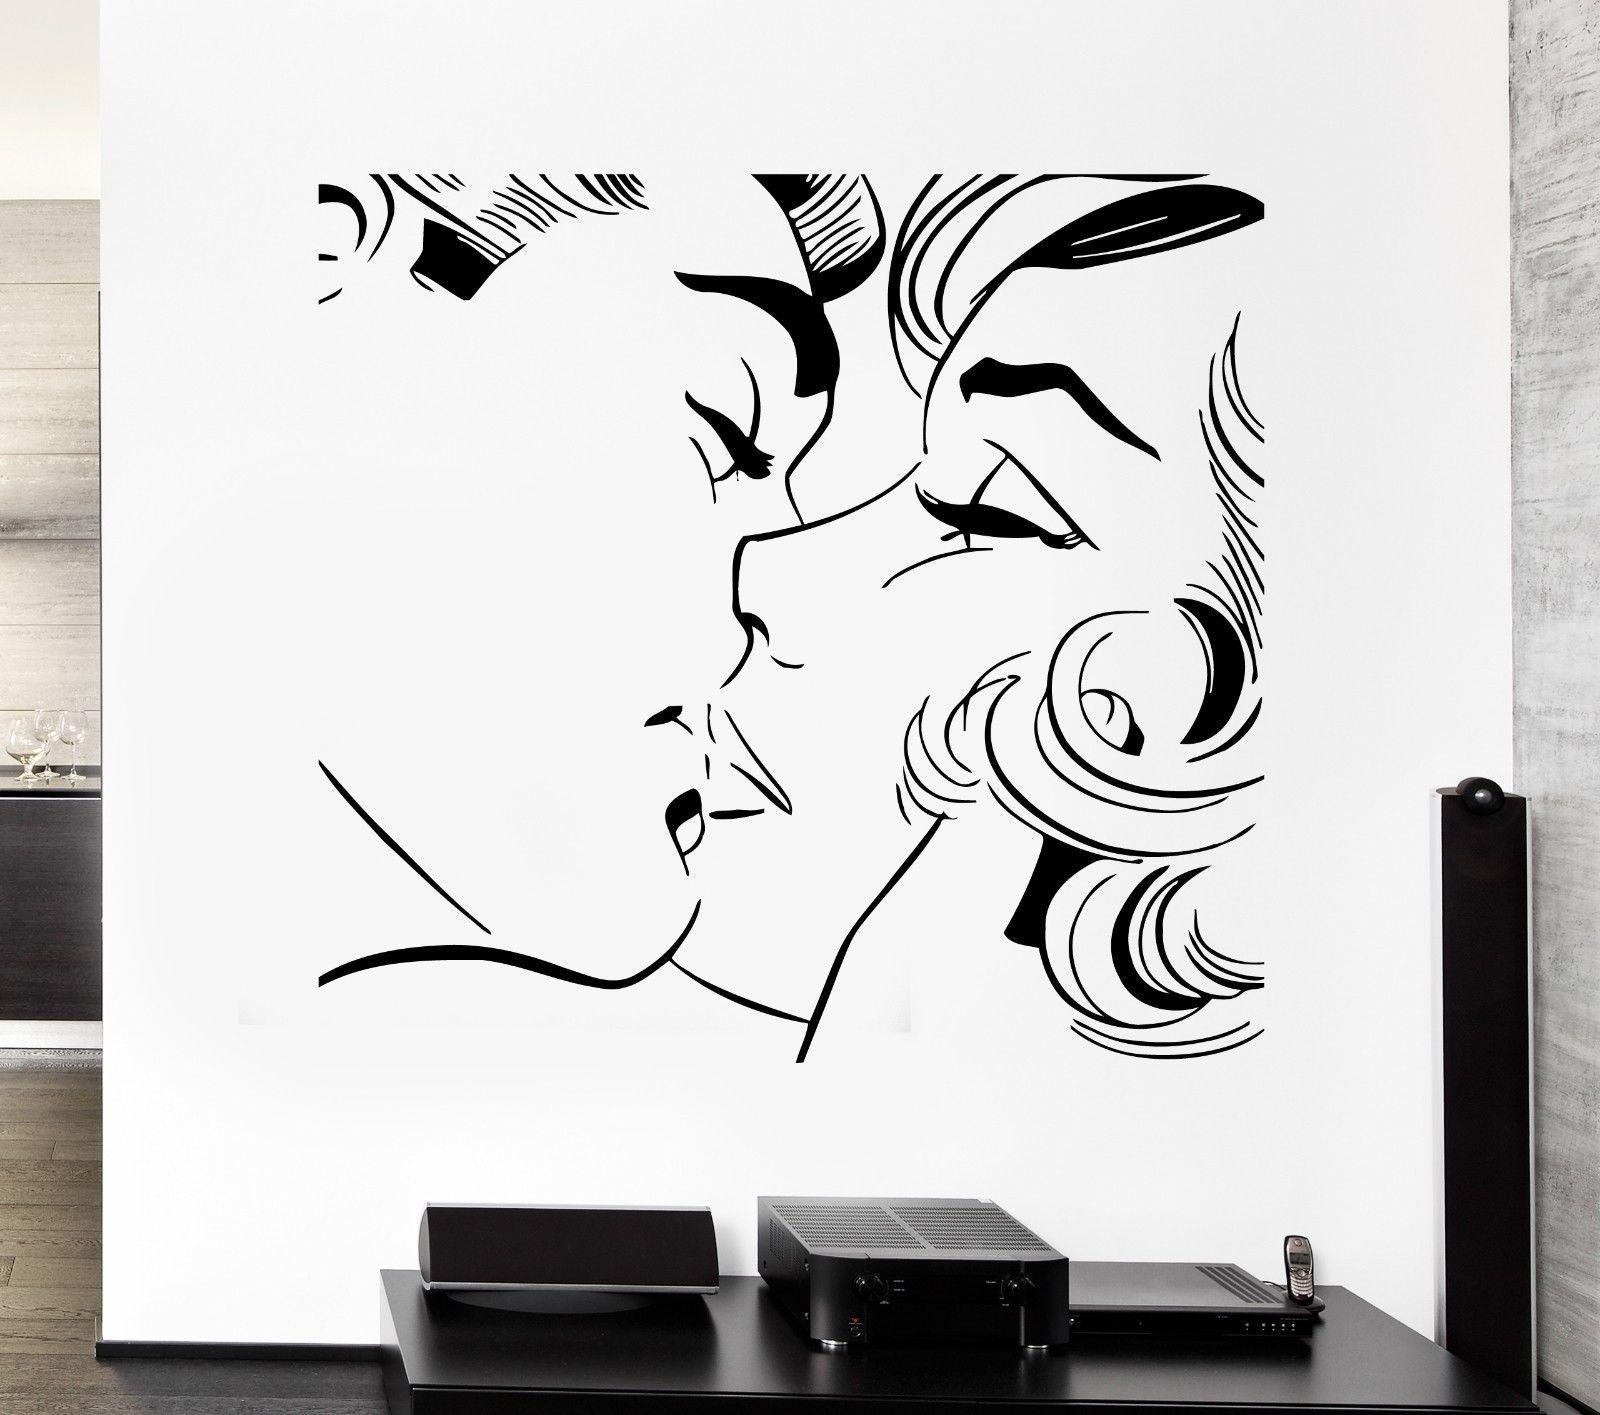 Günstige 2016 Neue Paar Kuss Wandaufkleber Kuss Küssen Paar Romantische  Liebe Decor Für Pop Kunst Schlafzimmer